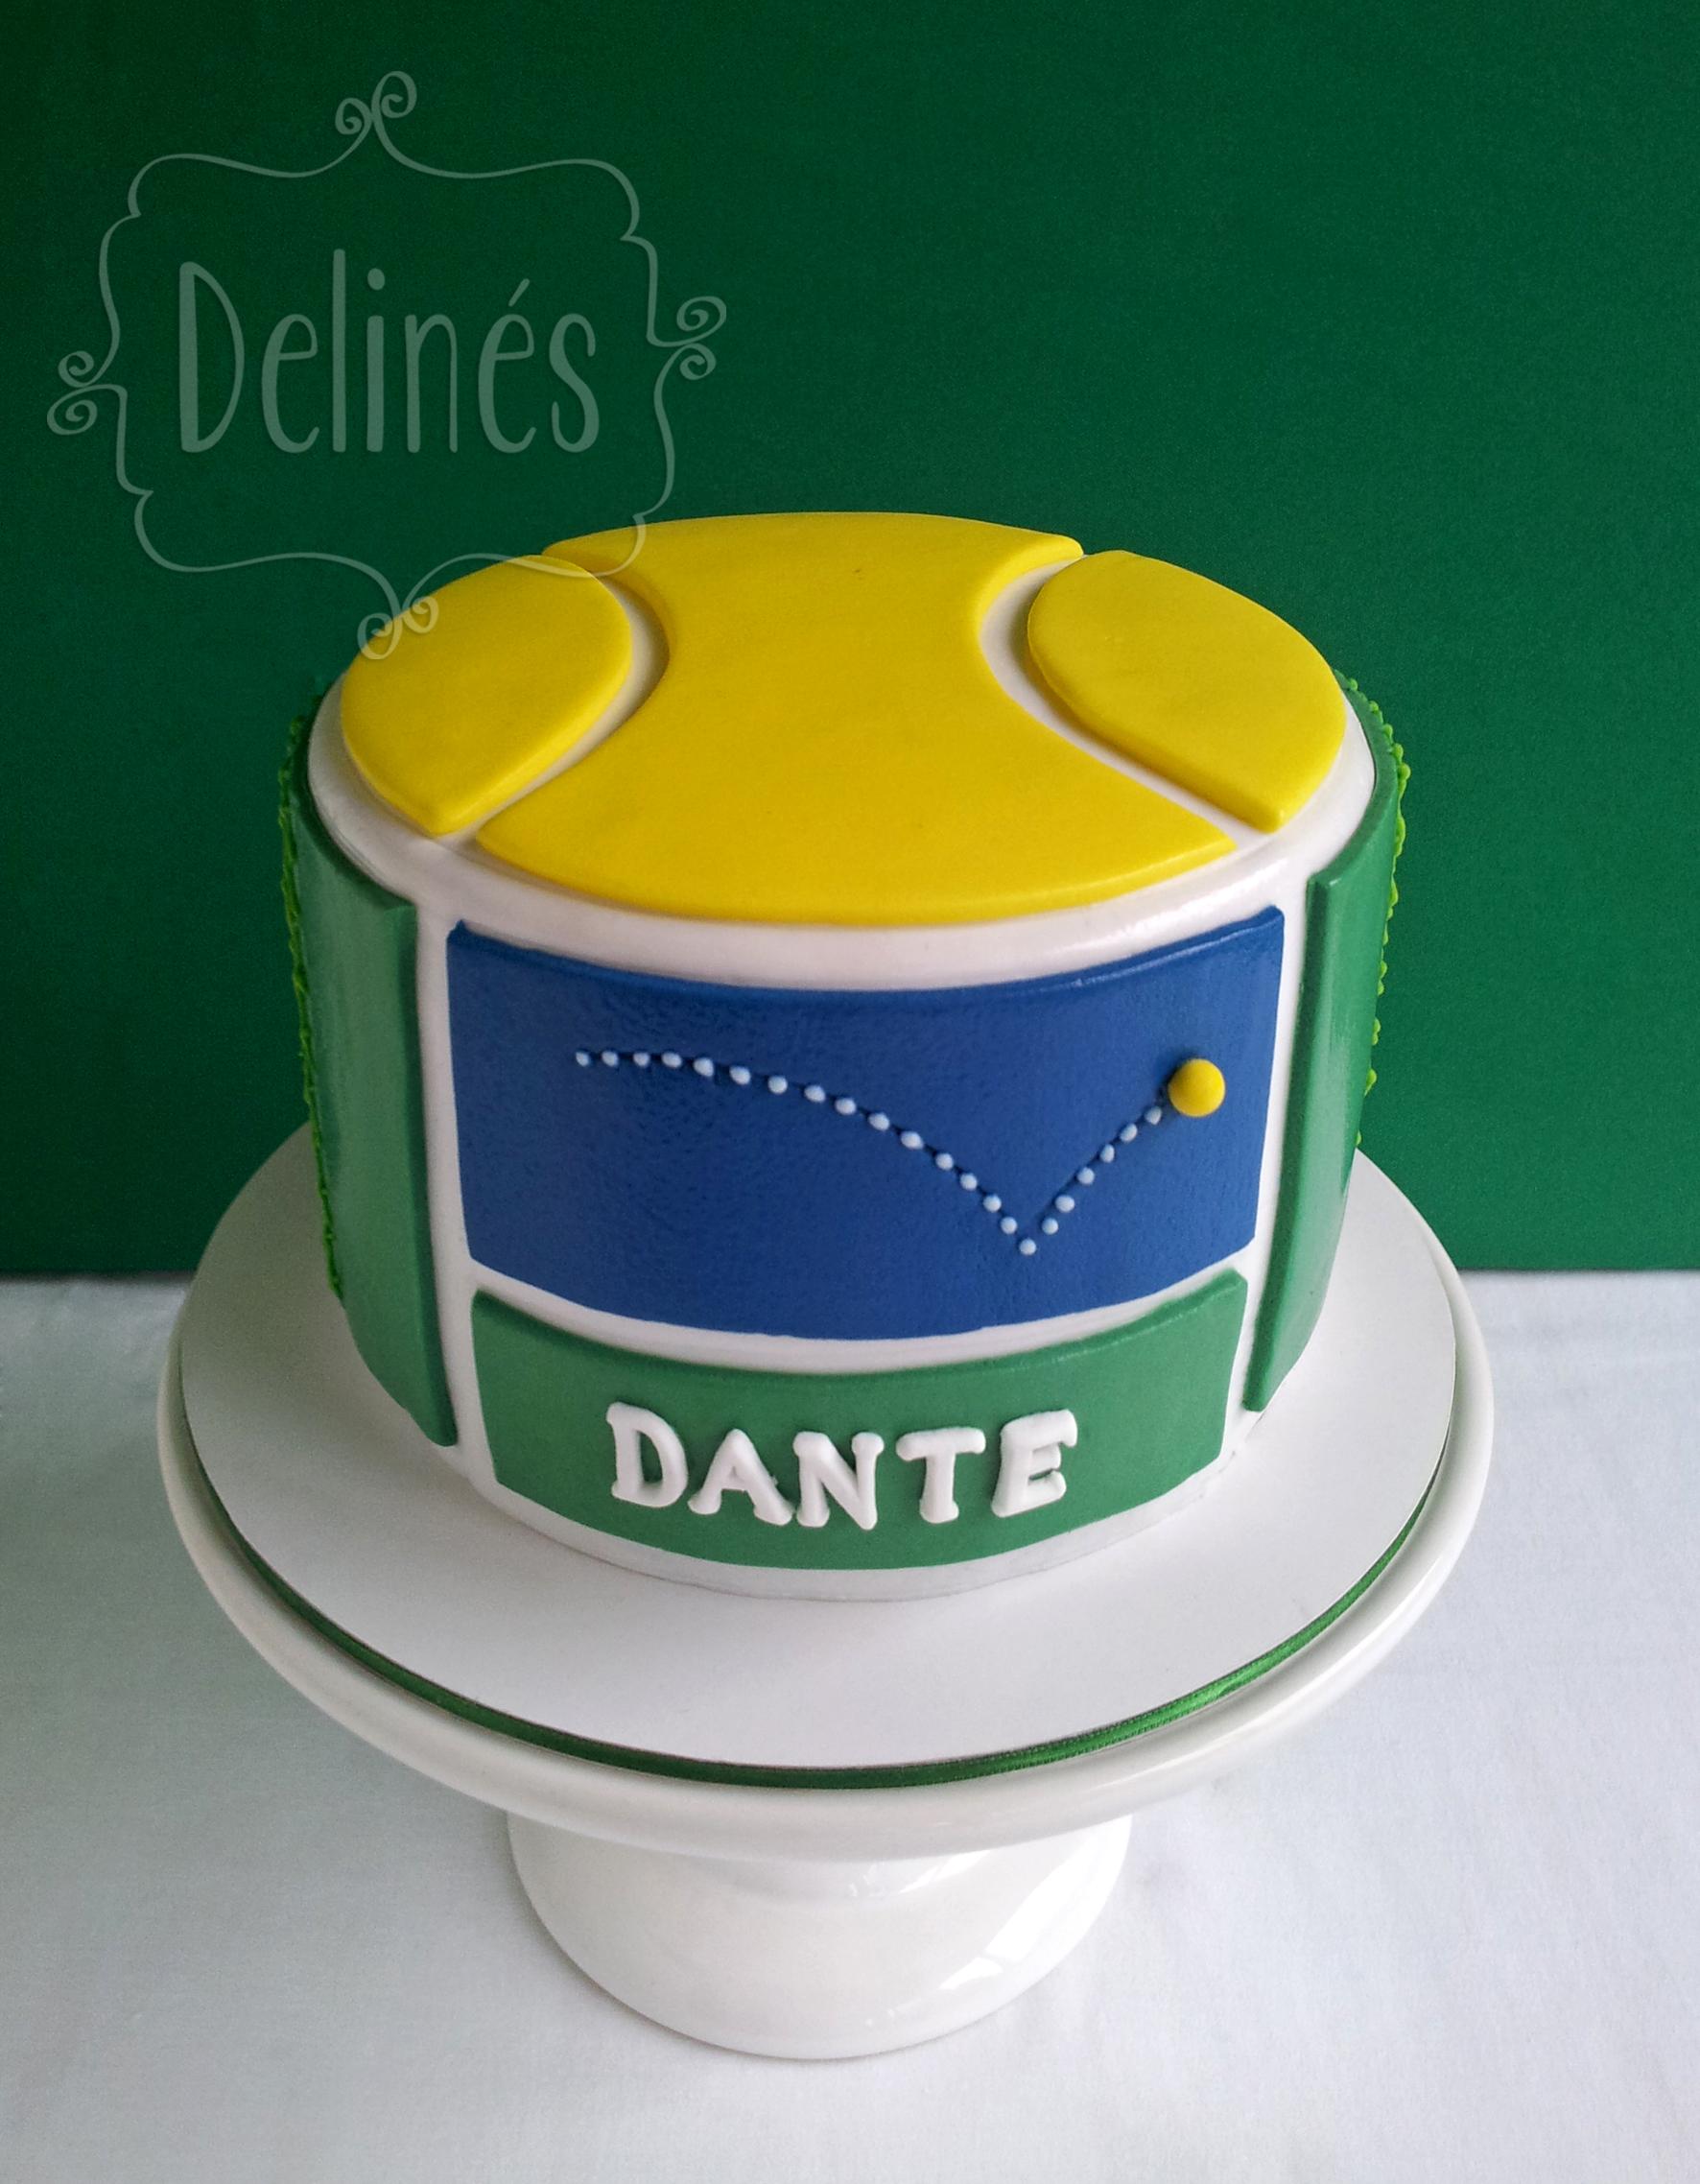 Teninis Cake Ideas